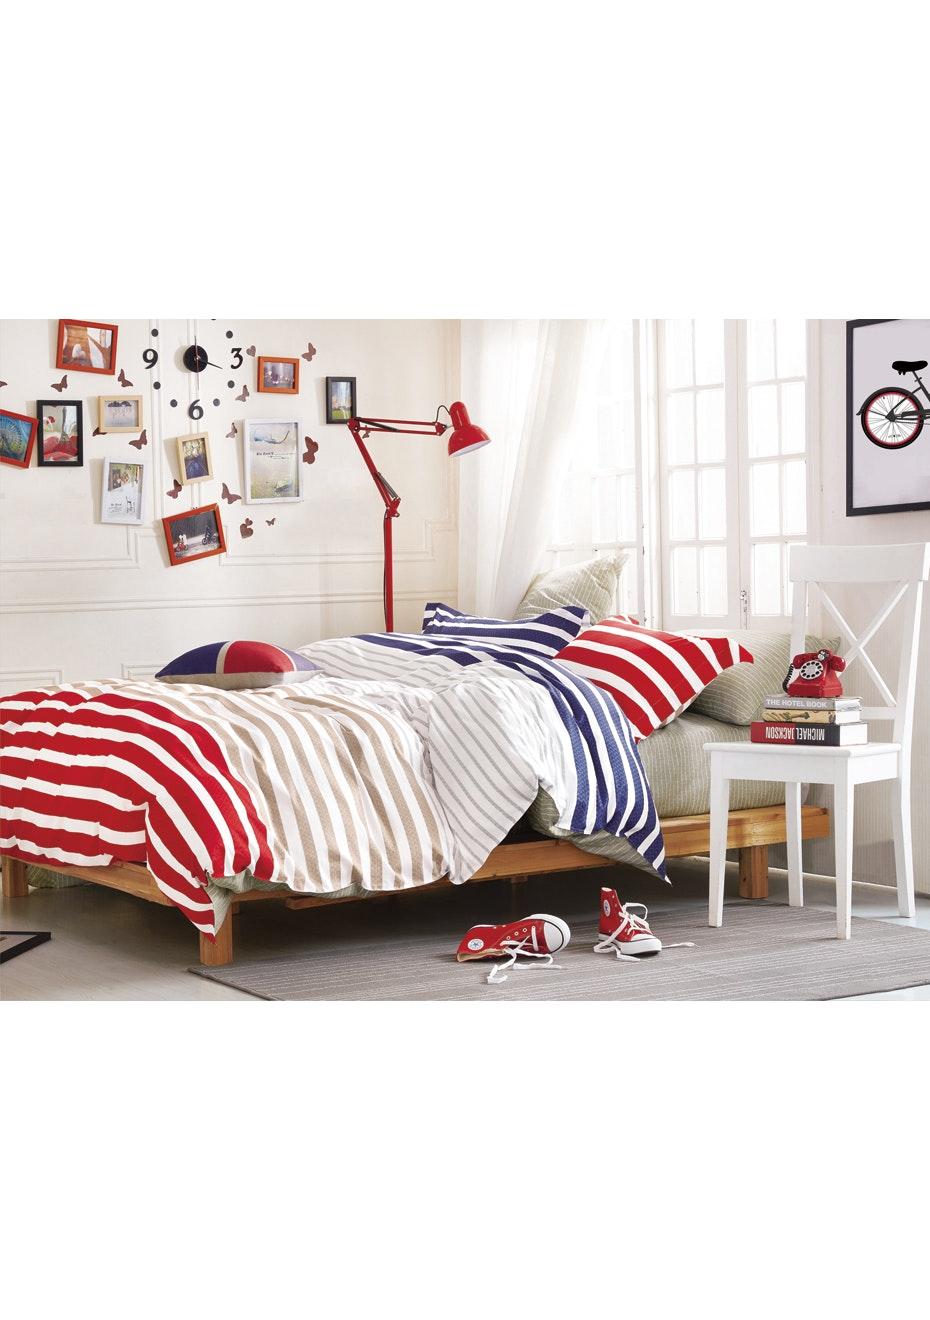 Parker Quilt Cover Set - Reversible Design - 100% Cotton - Double Bed